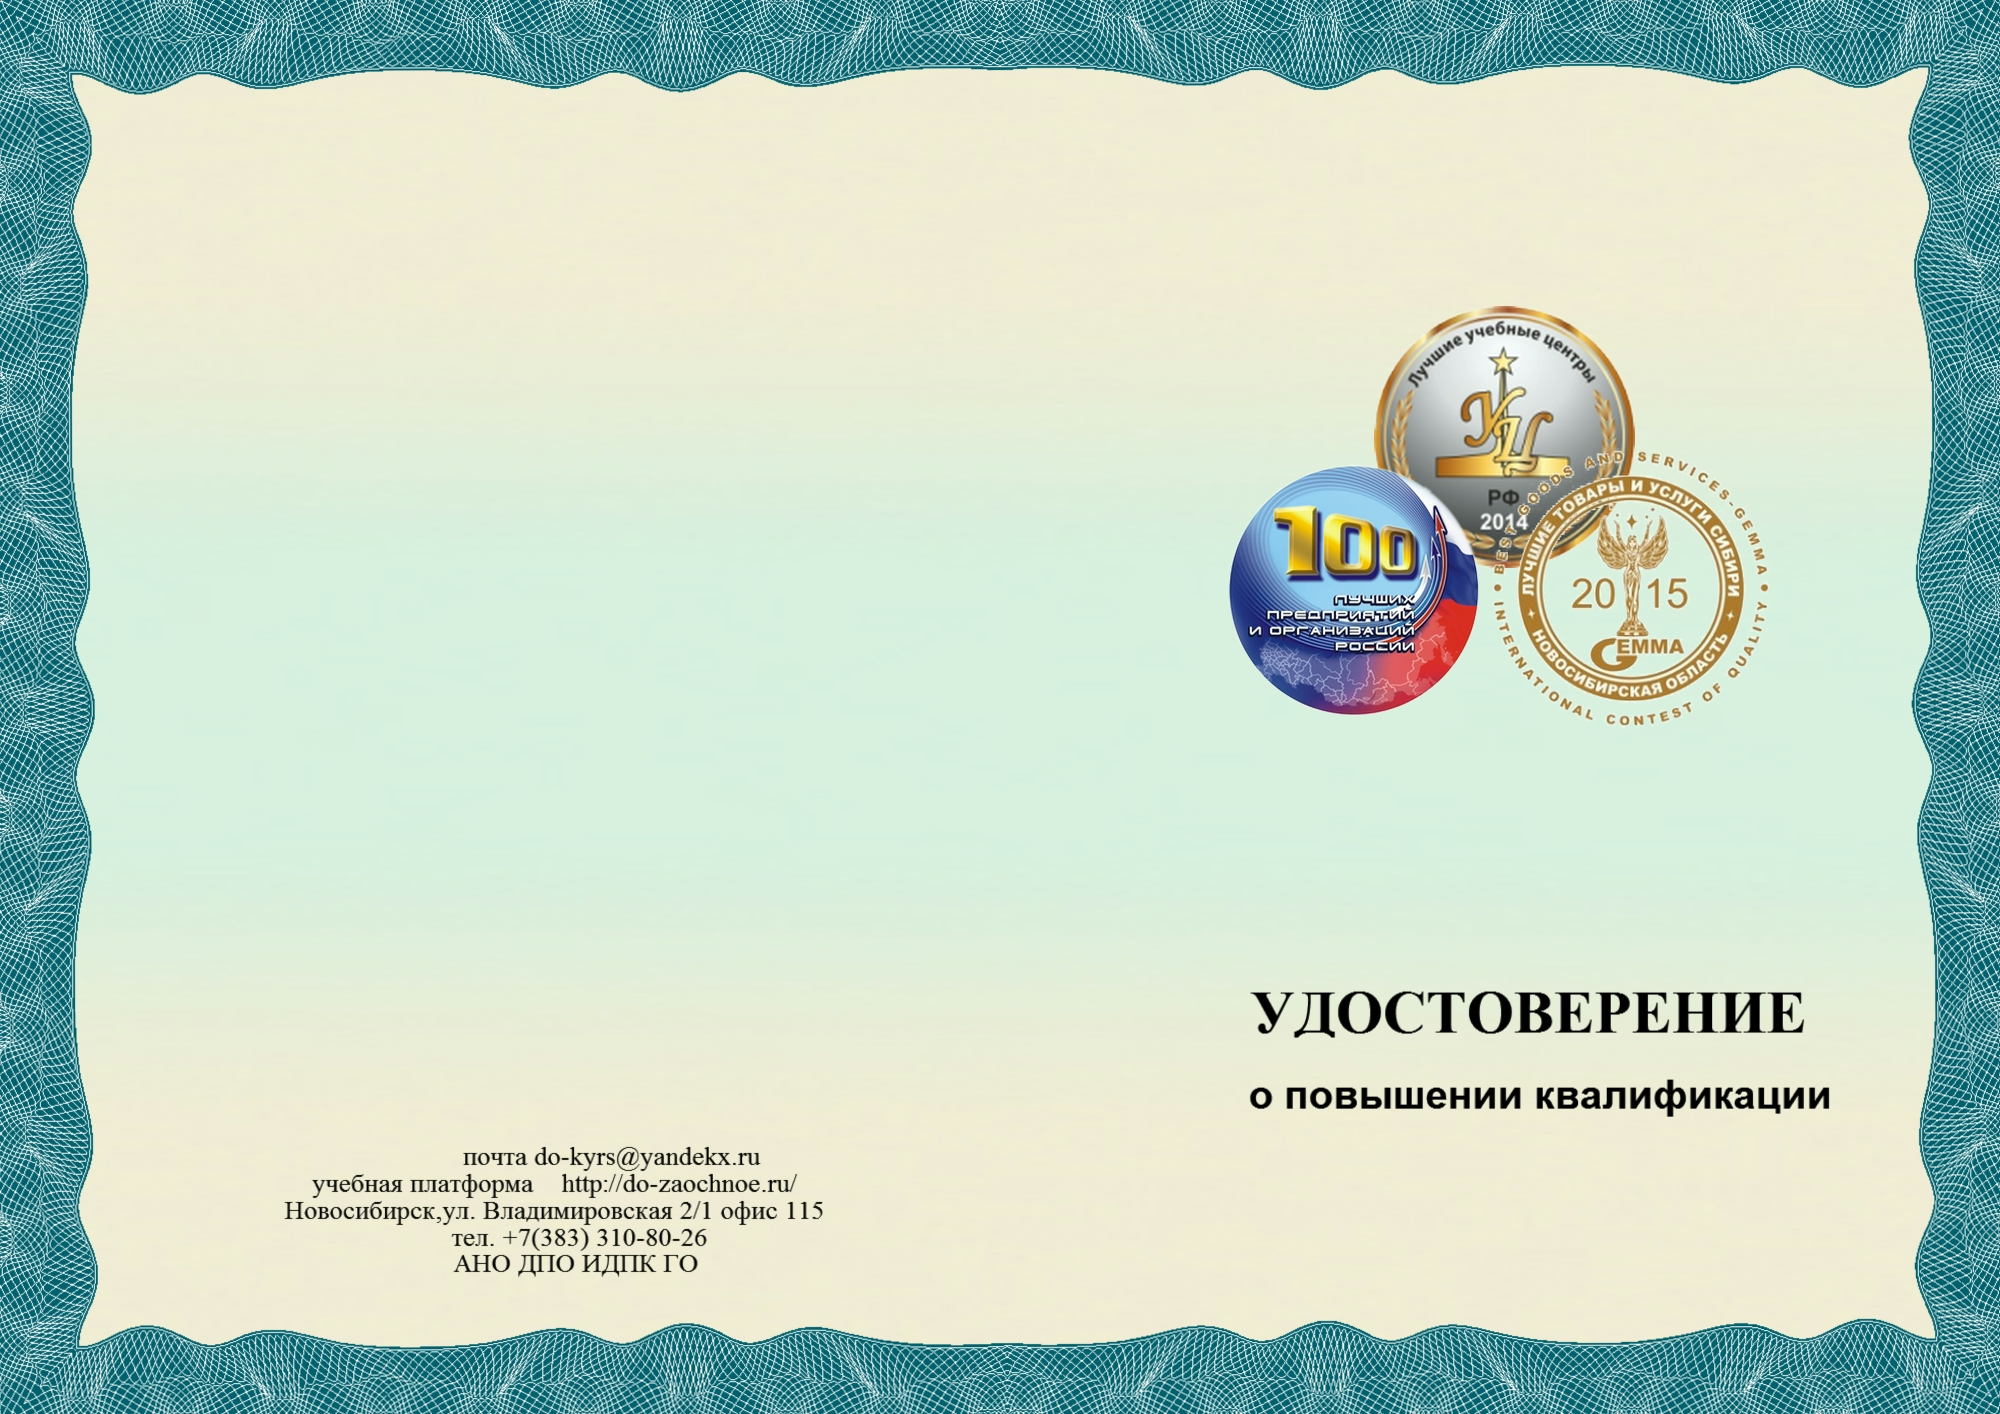 ИДПК удостоверение